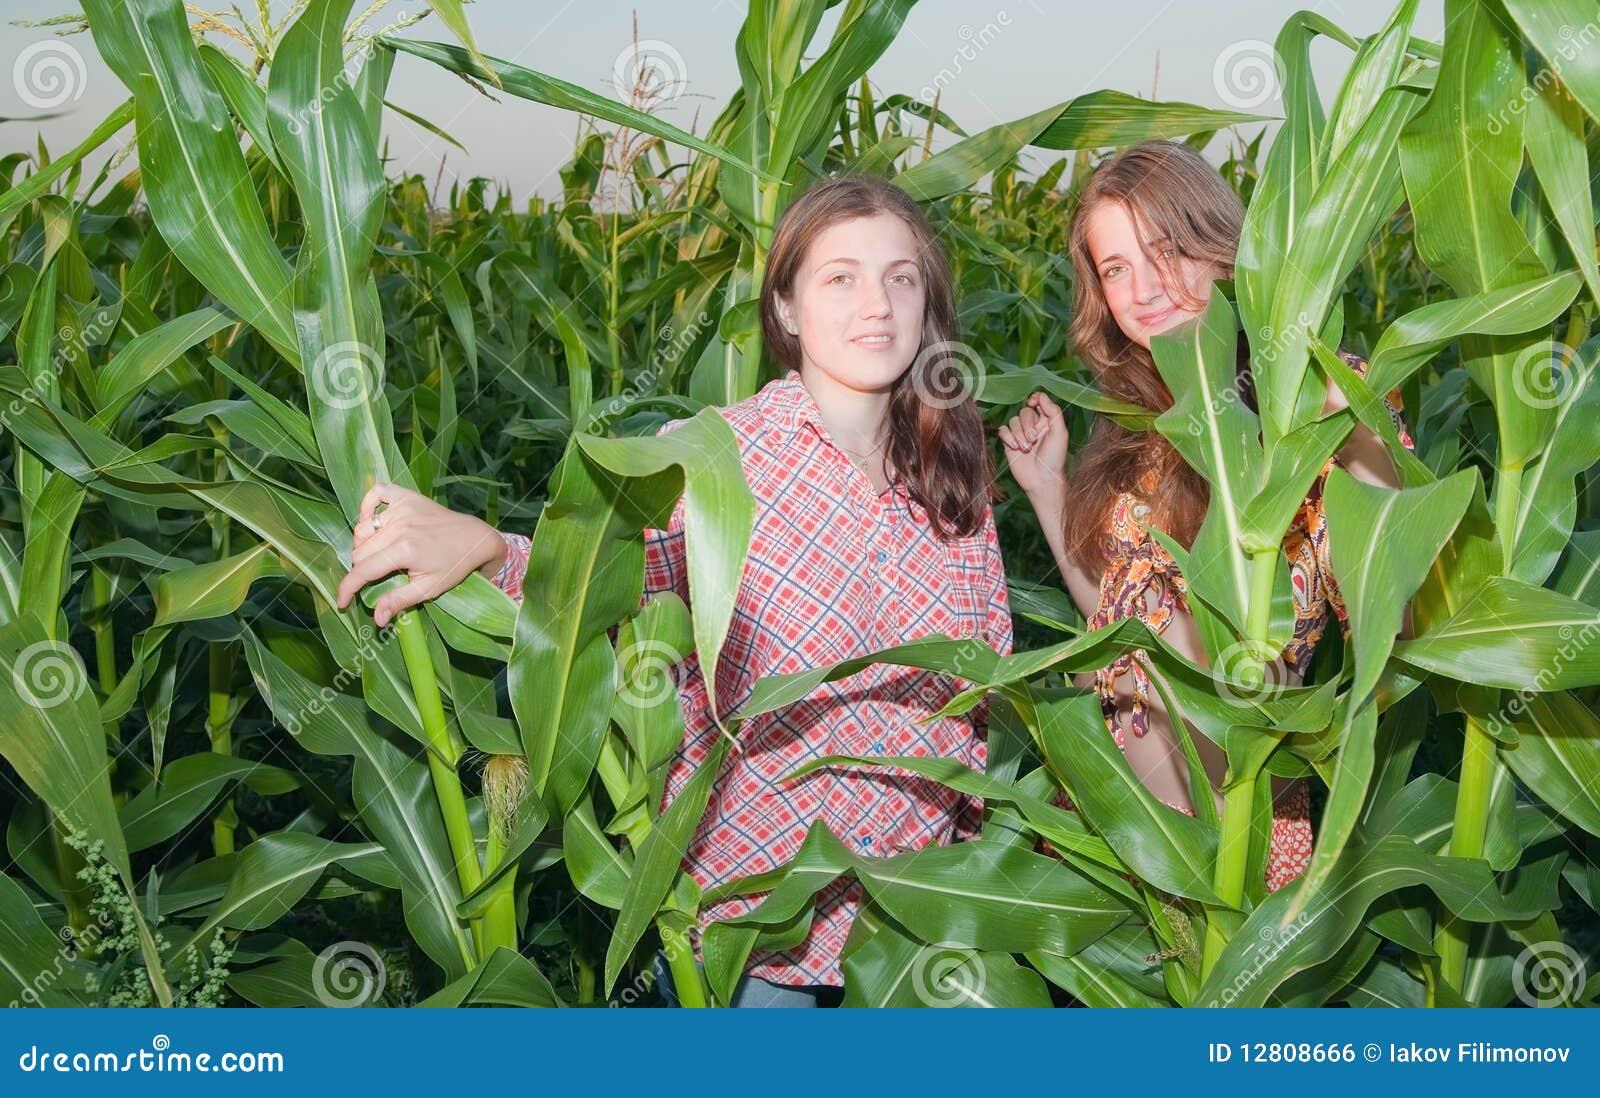 Meninas do país no campo de milho